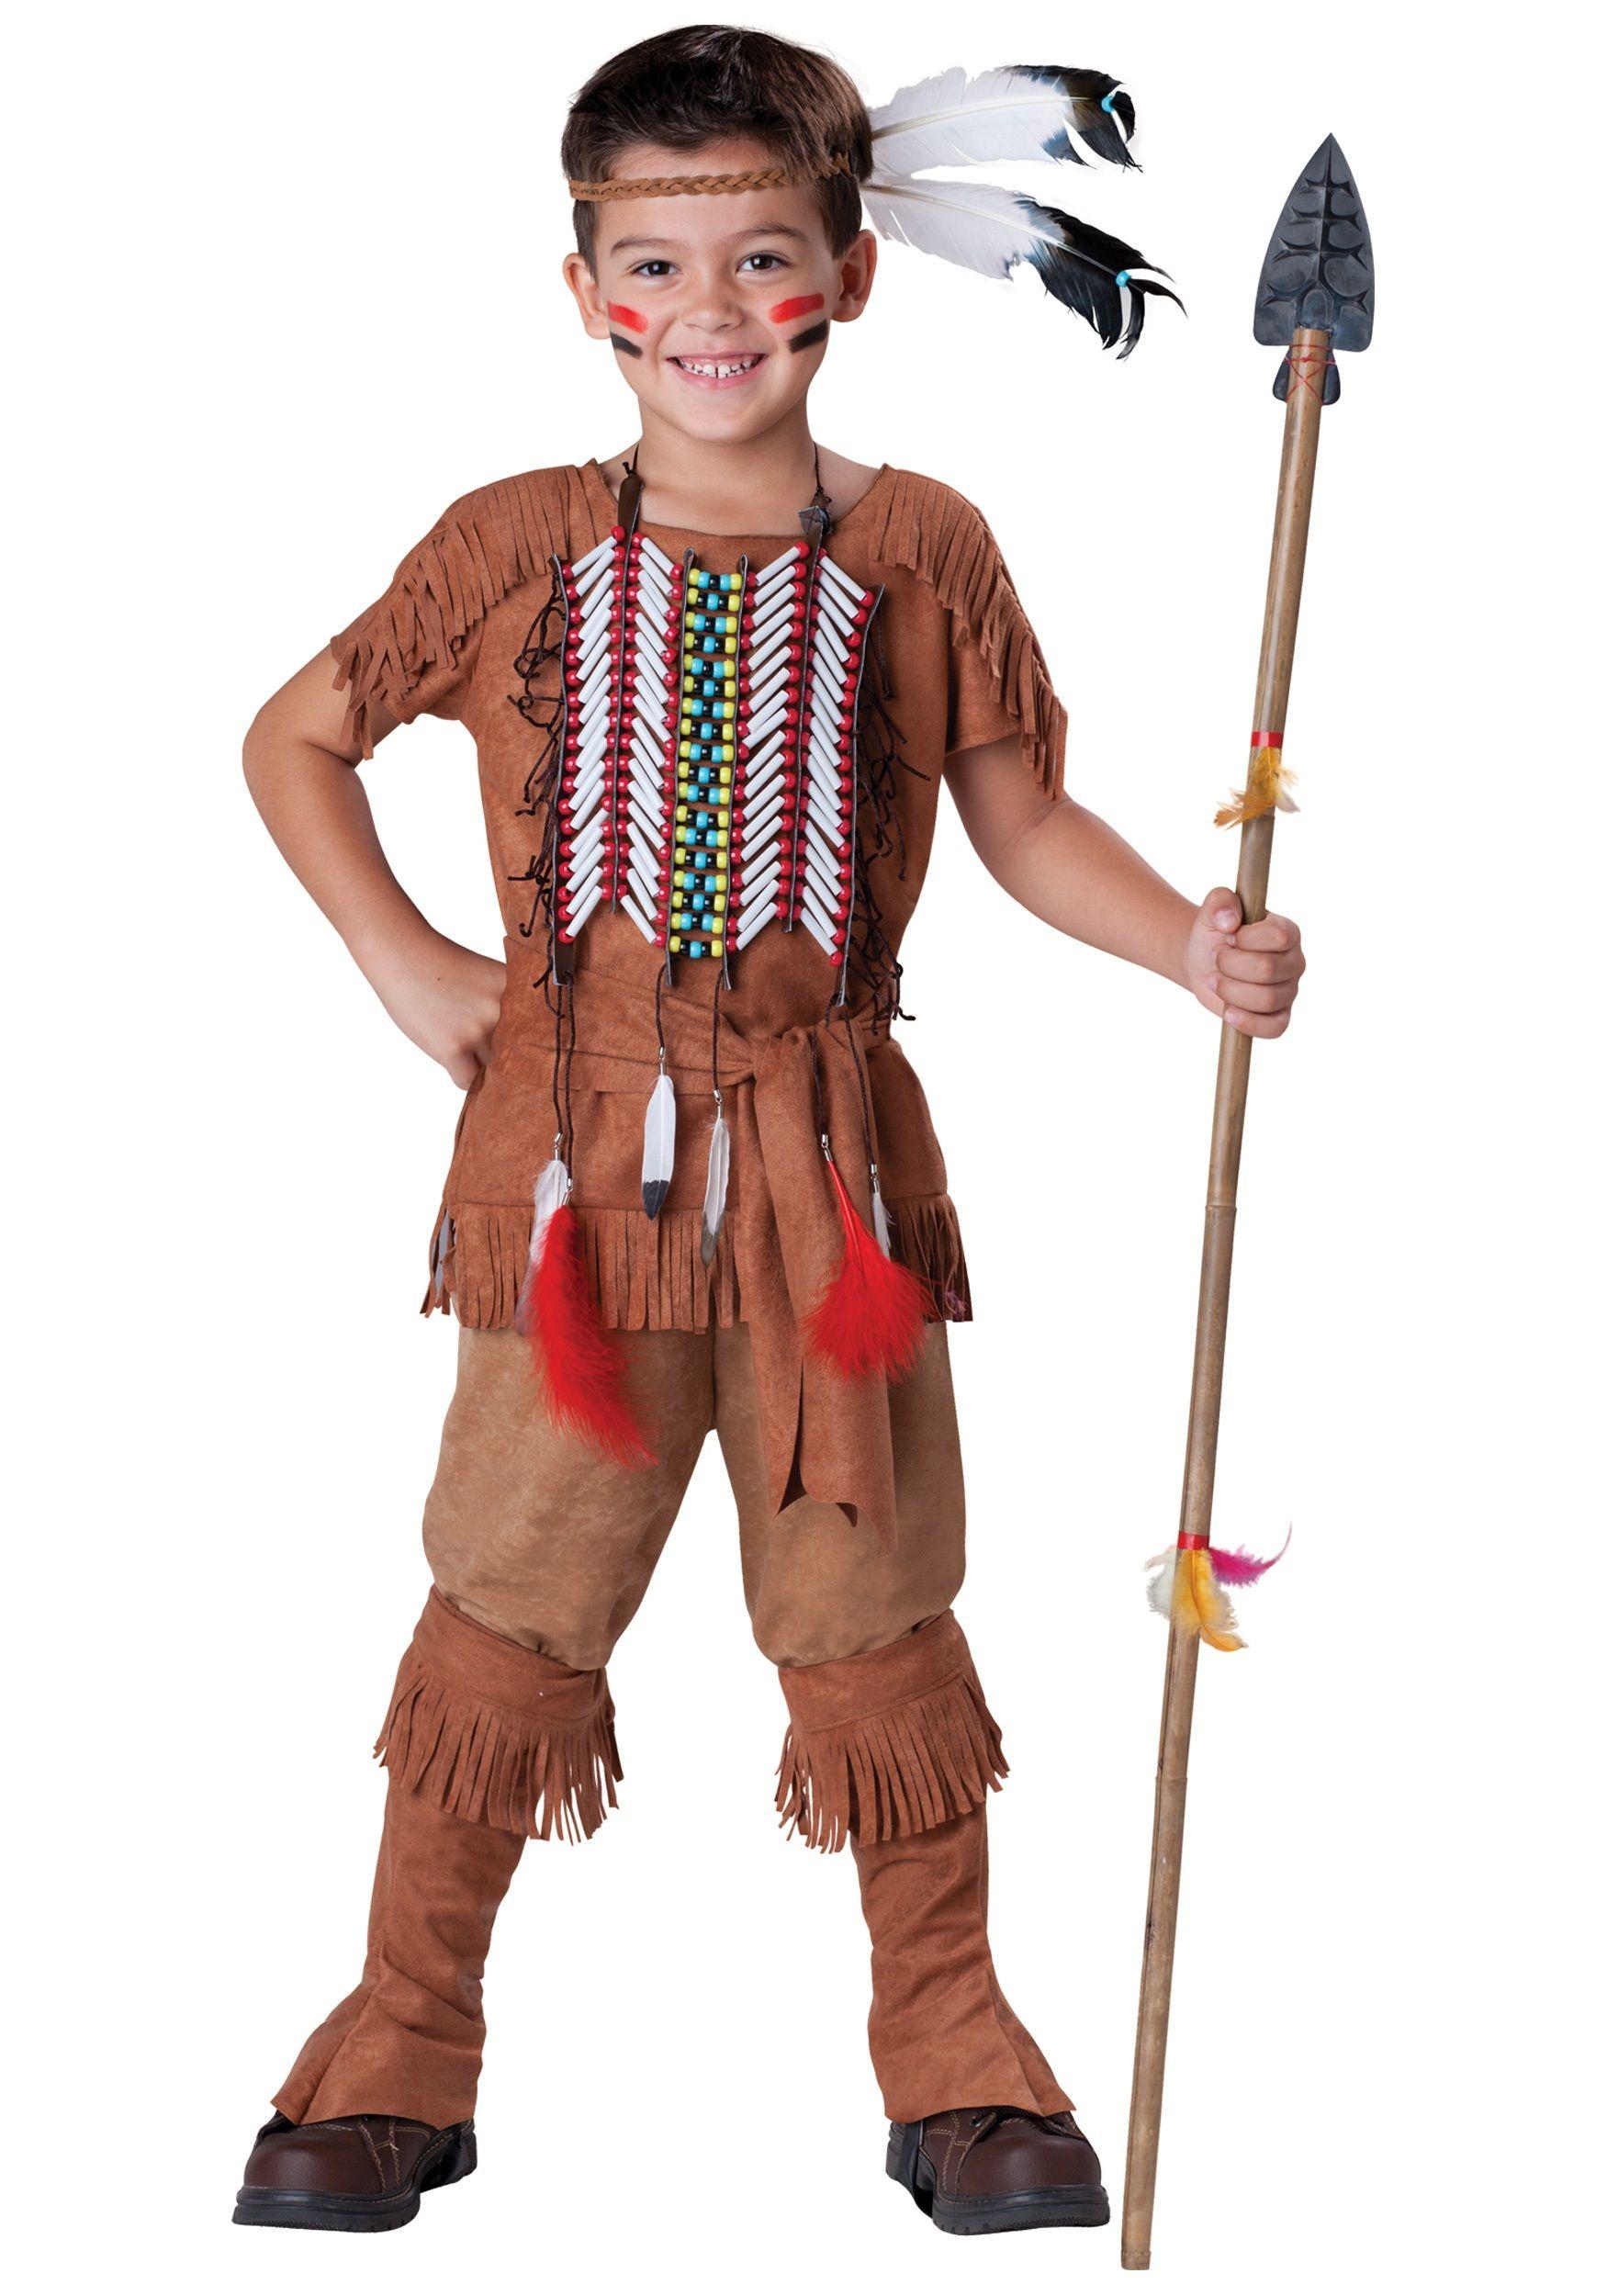 Znalezione obrazy dla zapytania indian boy diy costume  sc 1 st  Pinterest & Znalezione obrazy dla zapytania indian boy diy costume | dzieciaki ...